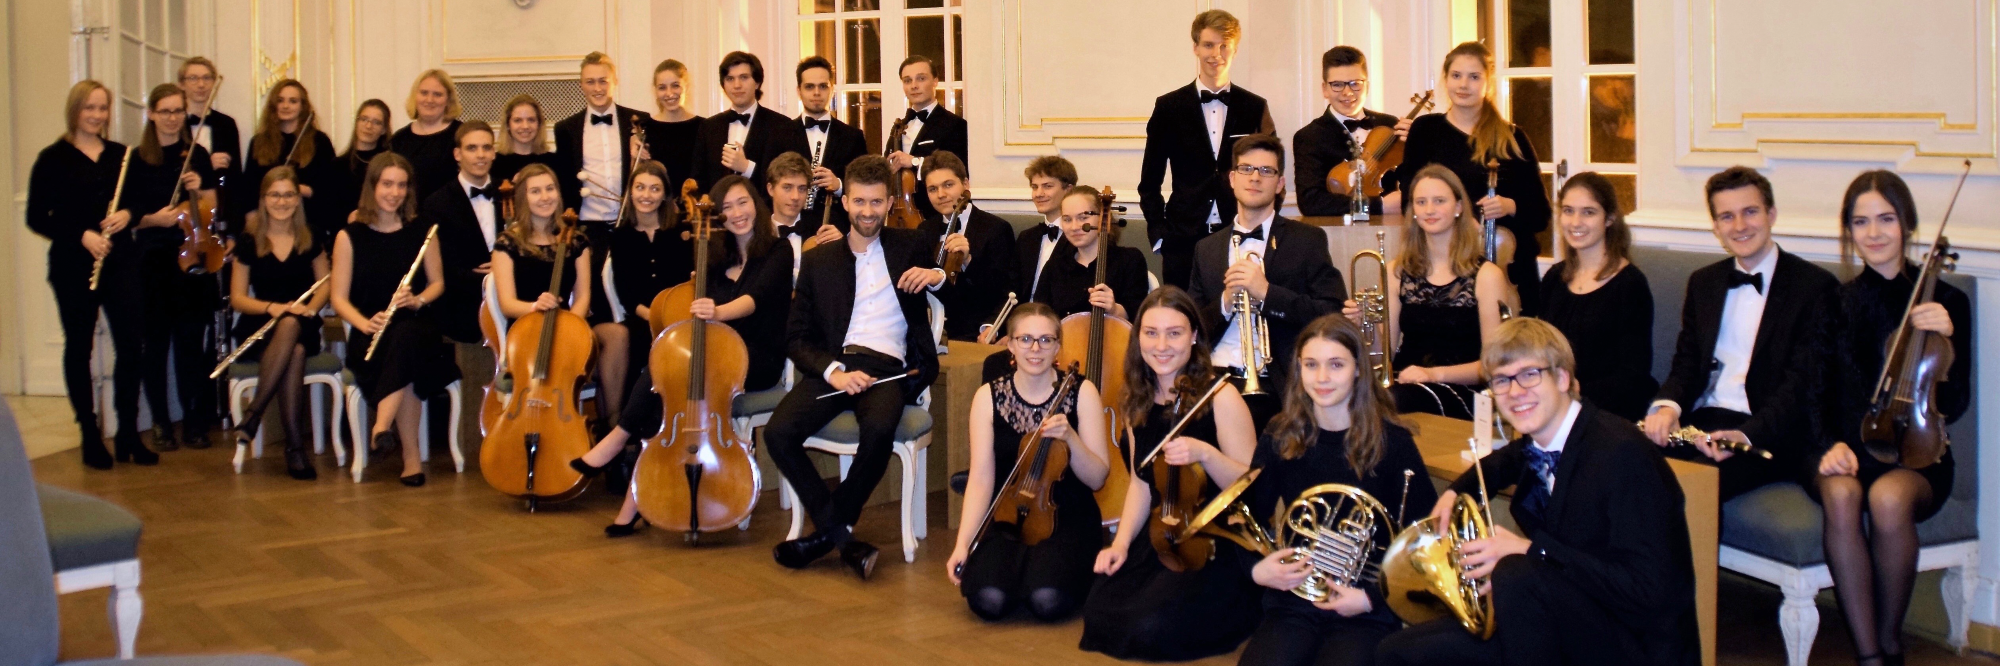 Mit dem Jugend-Sinfonieorchester in die Laeiszhalle